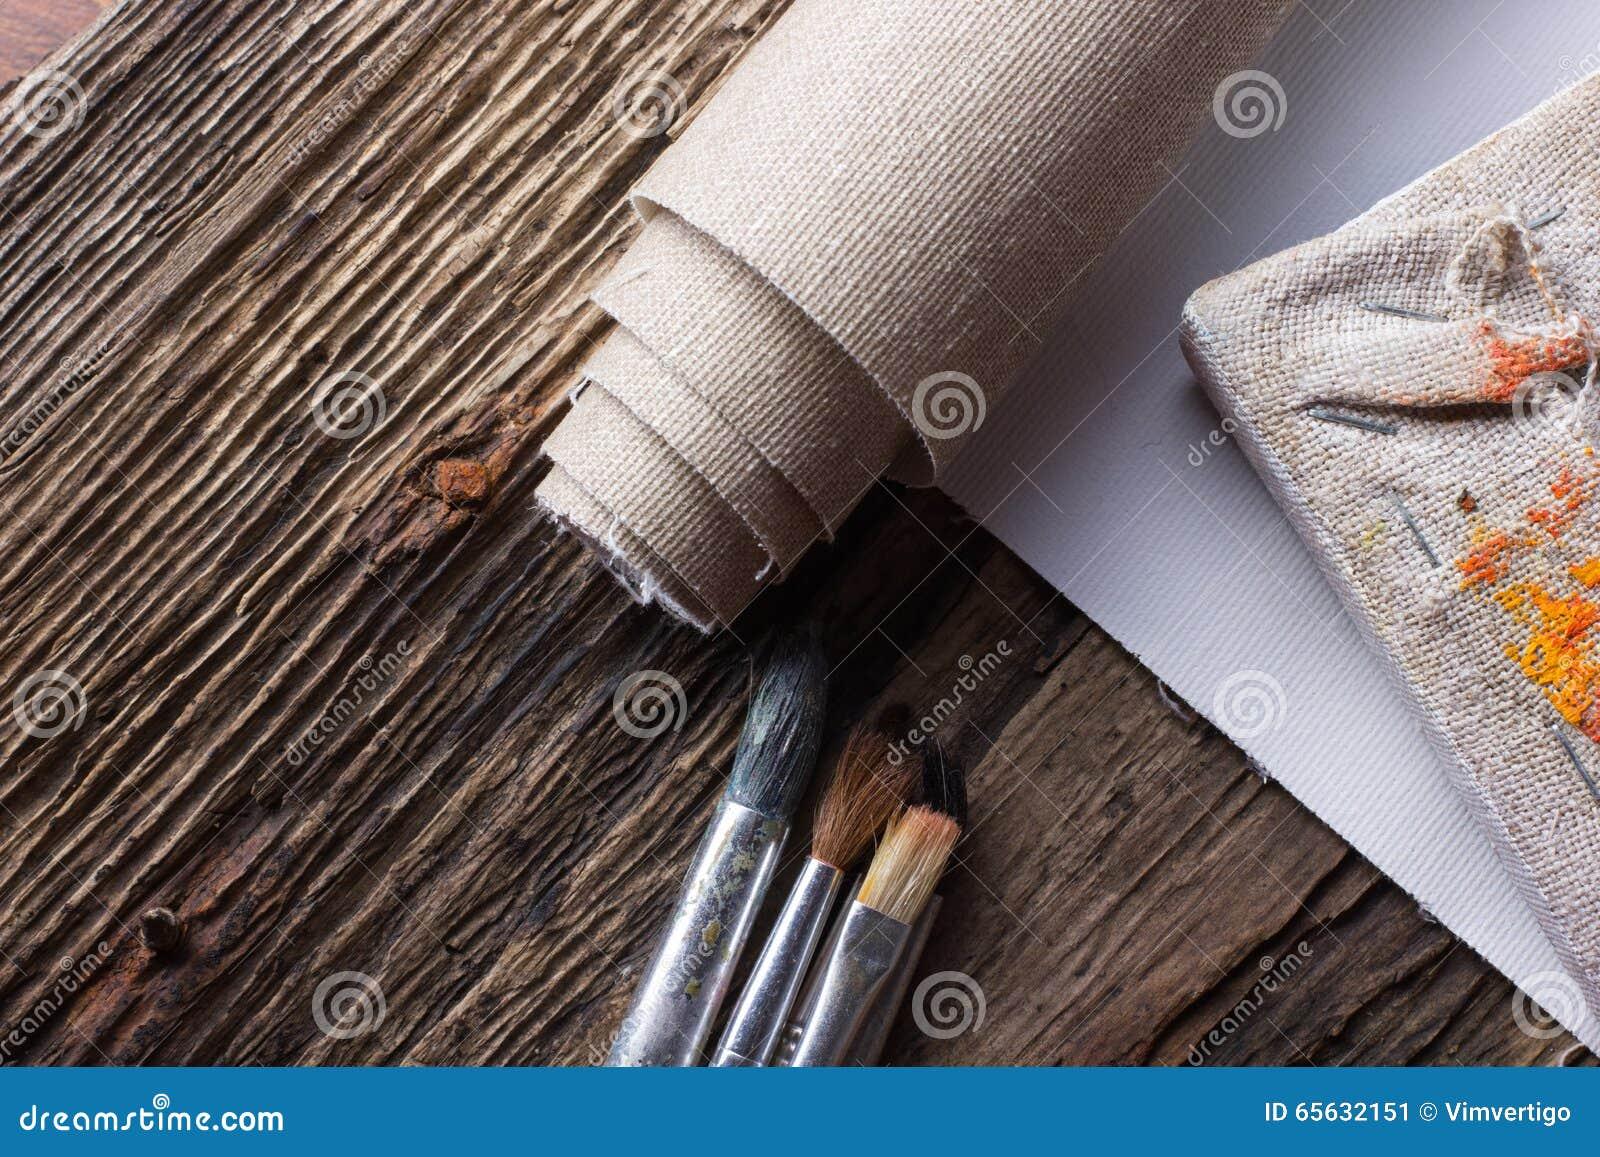 Ensemble de brosses pour peindre, toile, agrafeuse, agrafes, subframe